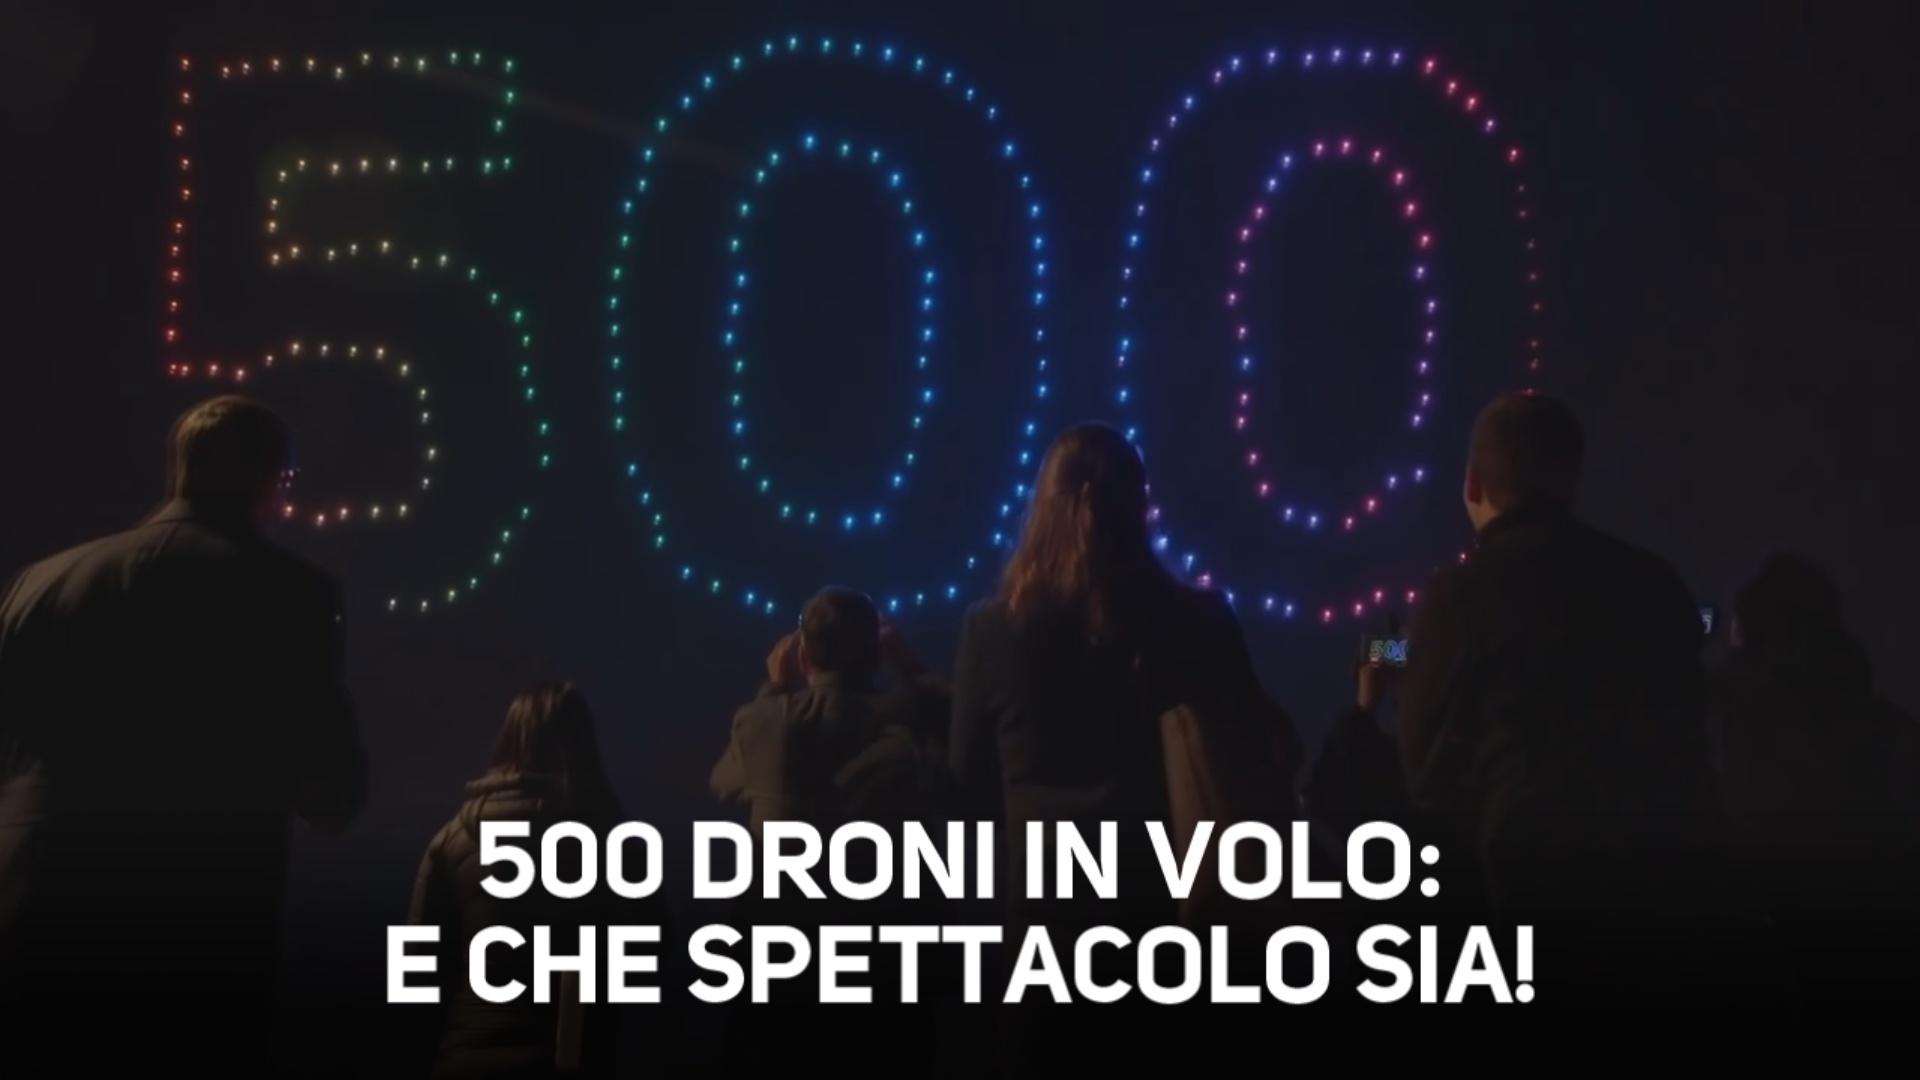 500 droni in volo: la coreografia e' uno spettacolo